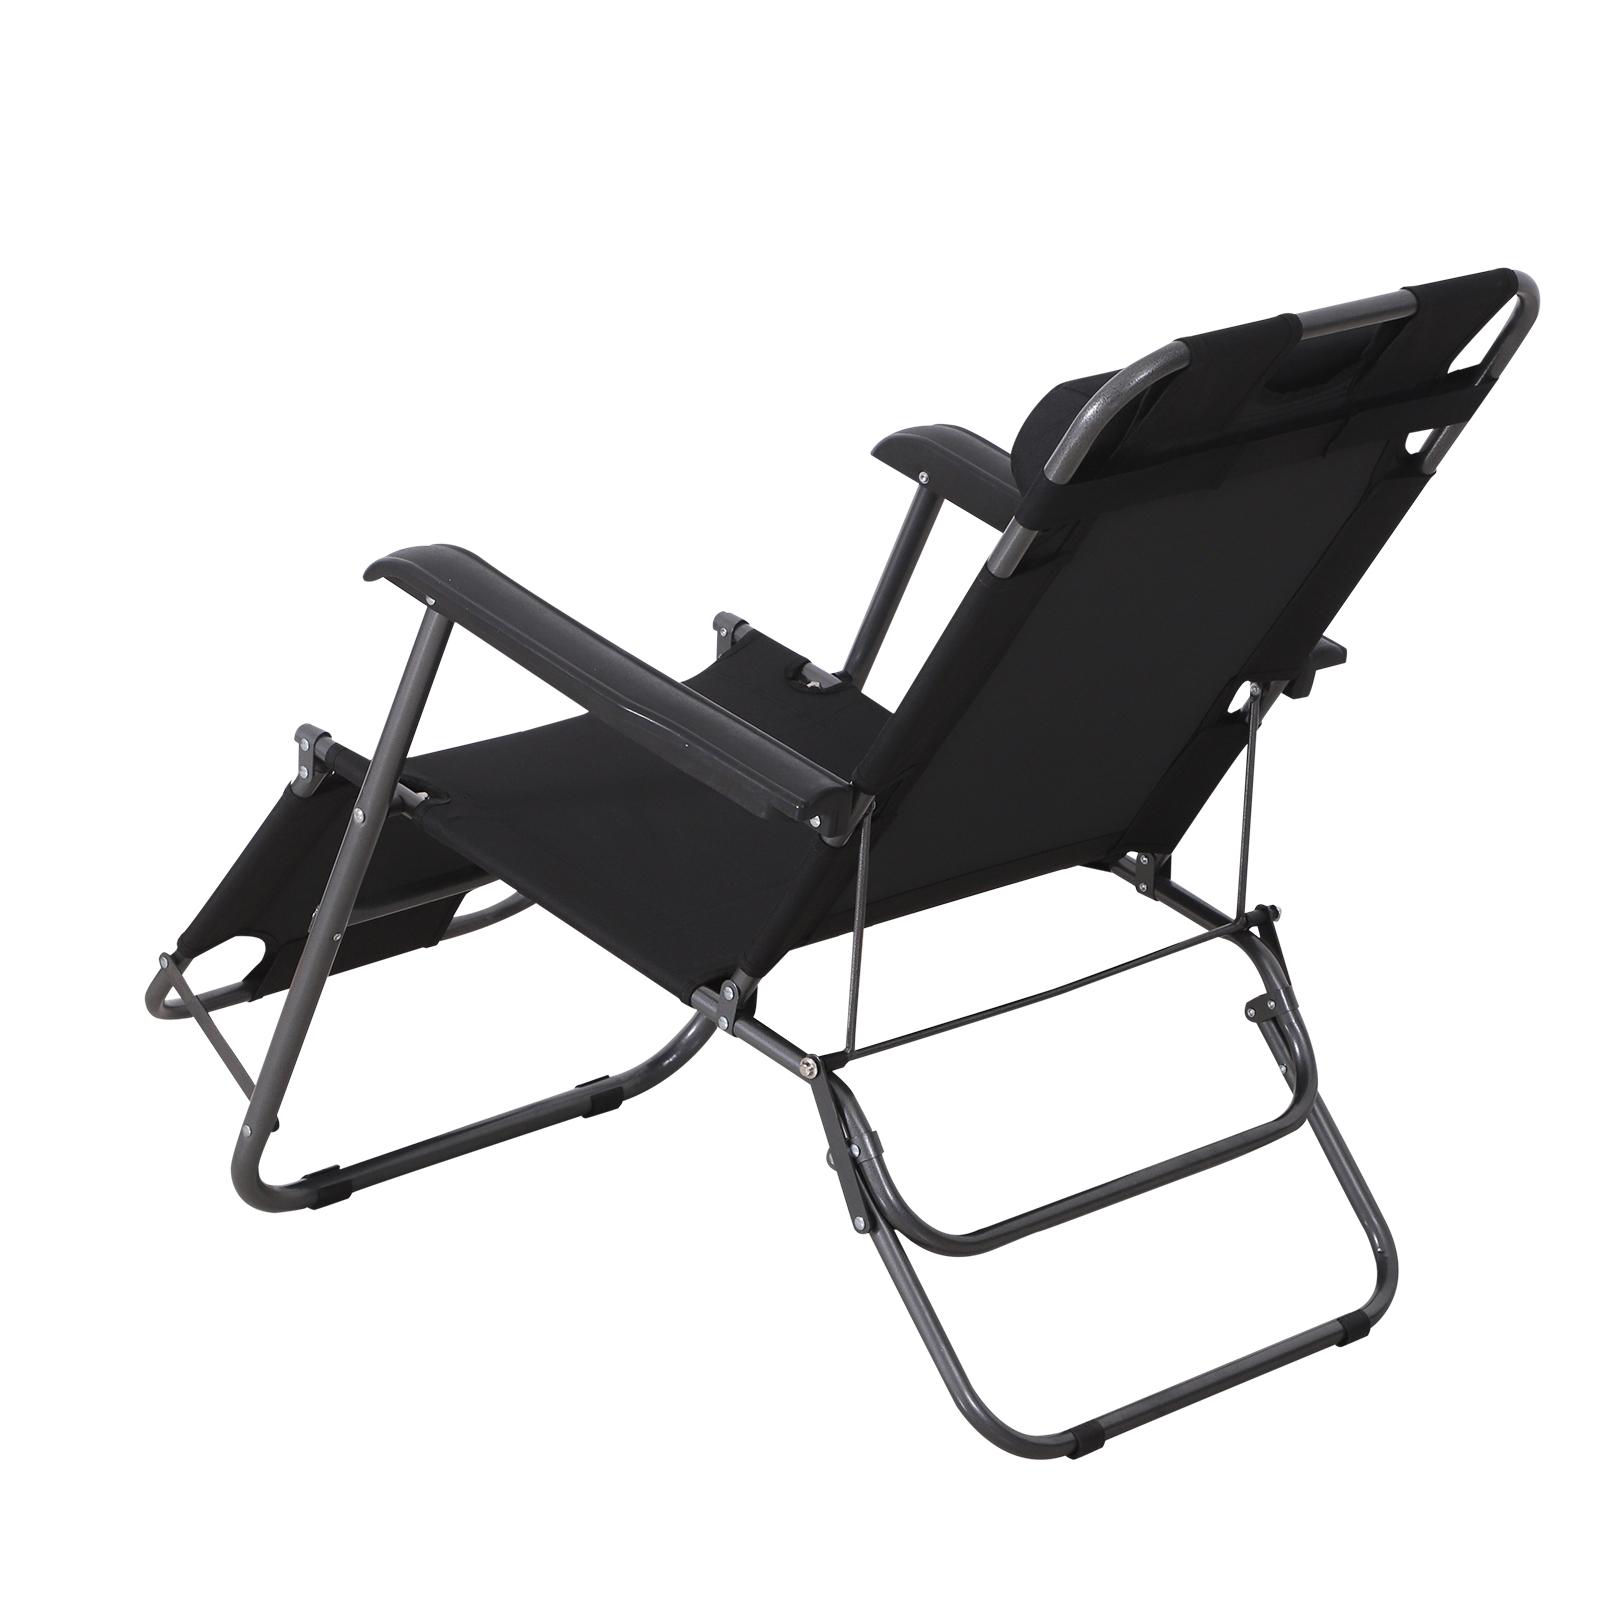 bain de soleil chaise longue transat de jardin pliable. Black Bedroom Furniture Sets. Home Design Ideas